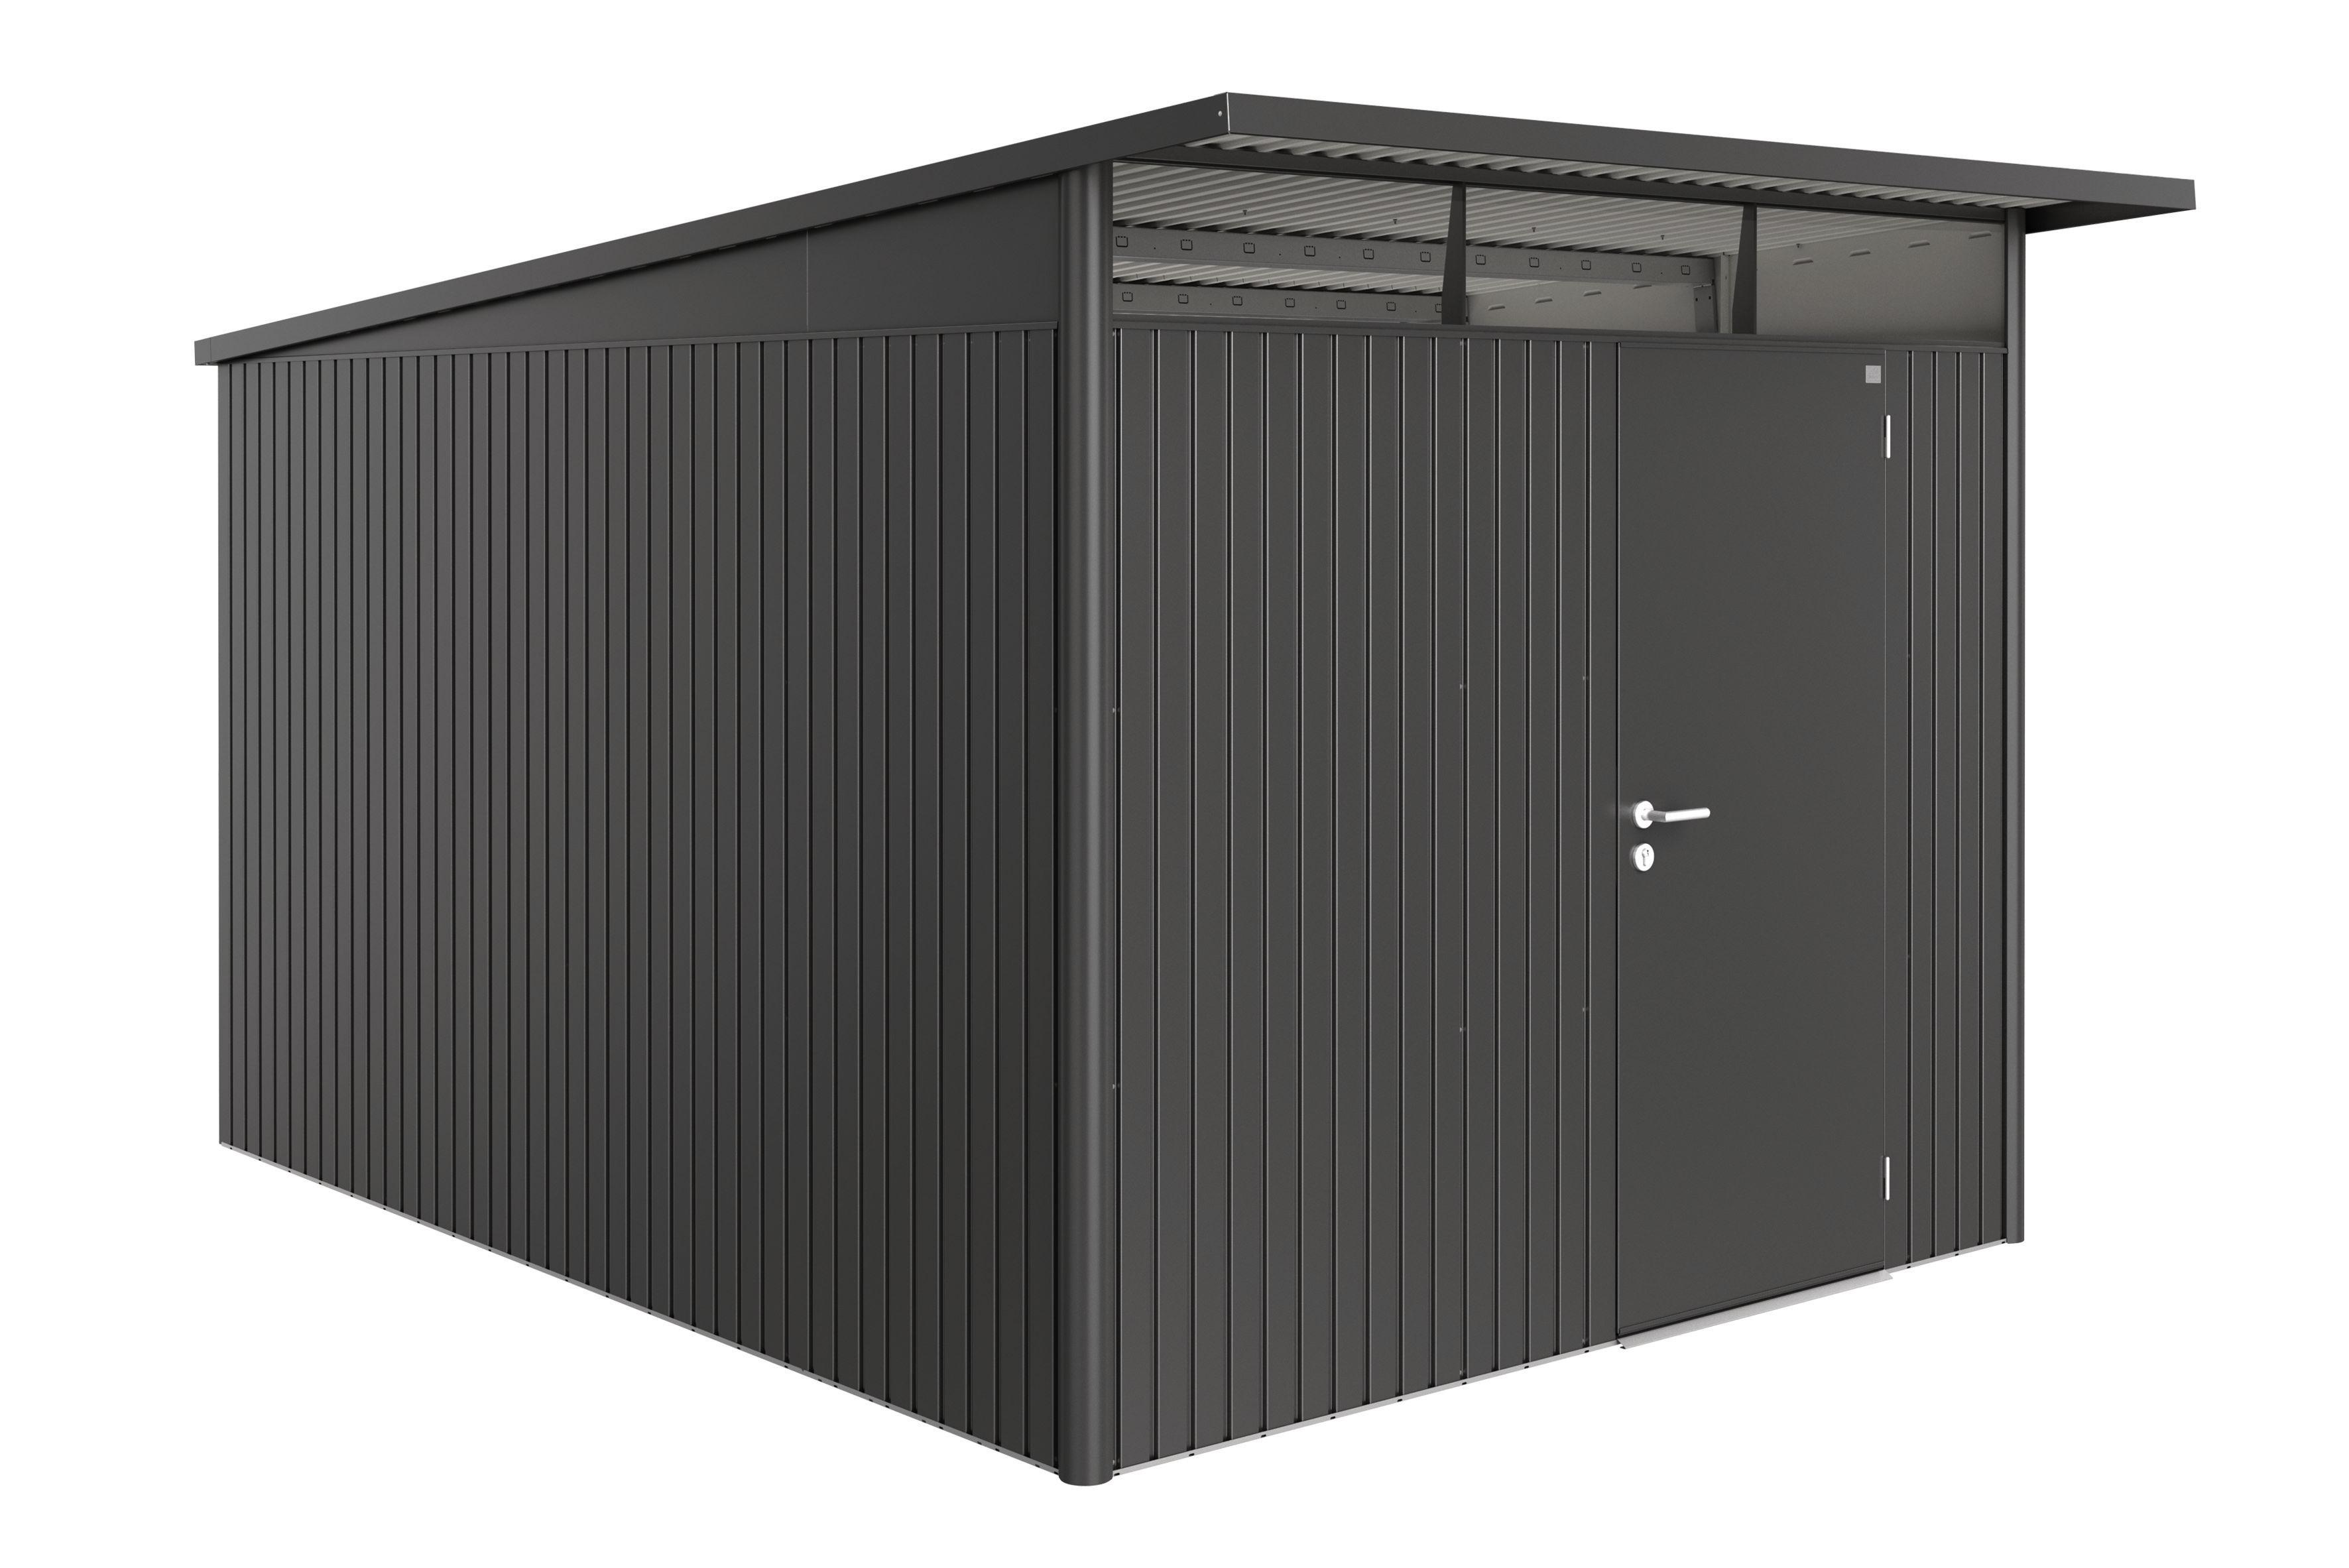 Biohort Zahradní domek AVANTGARDE A8, tmavě šedá metalíza